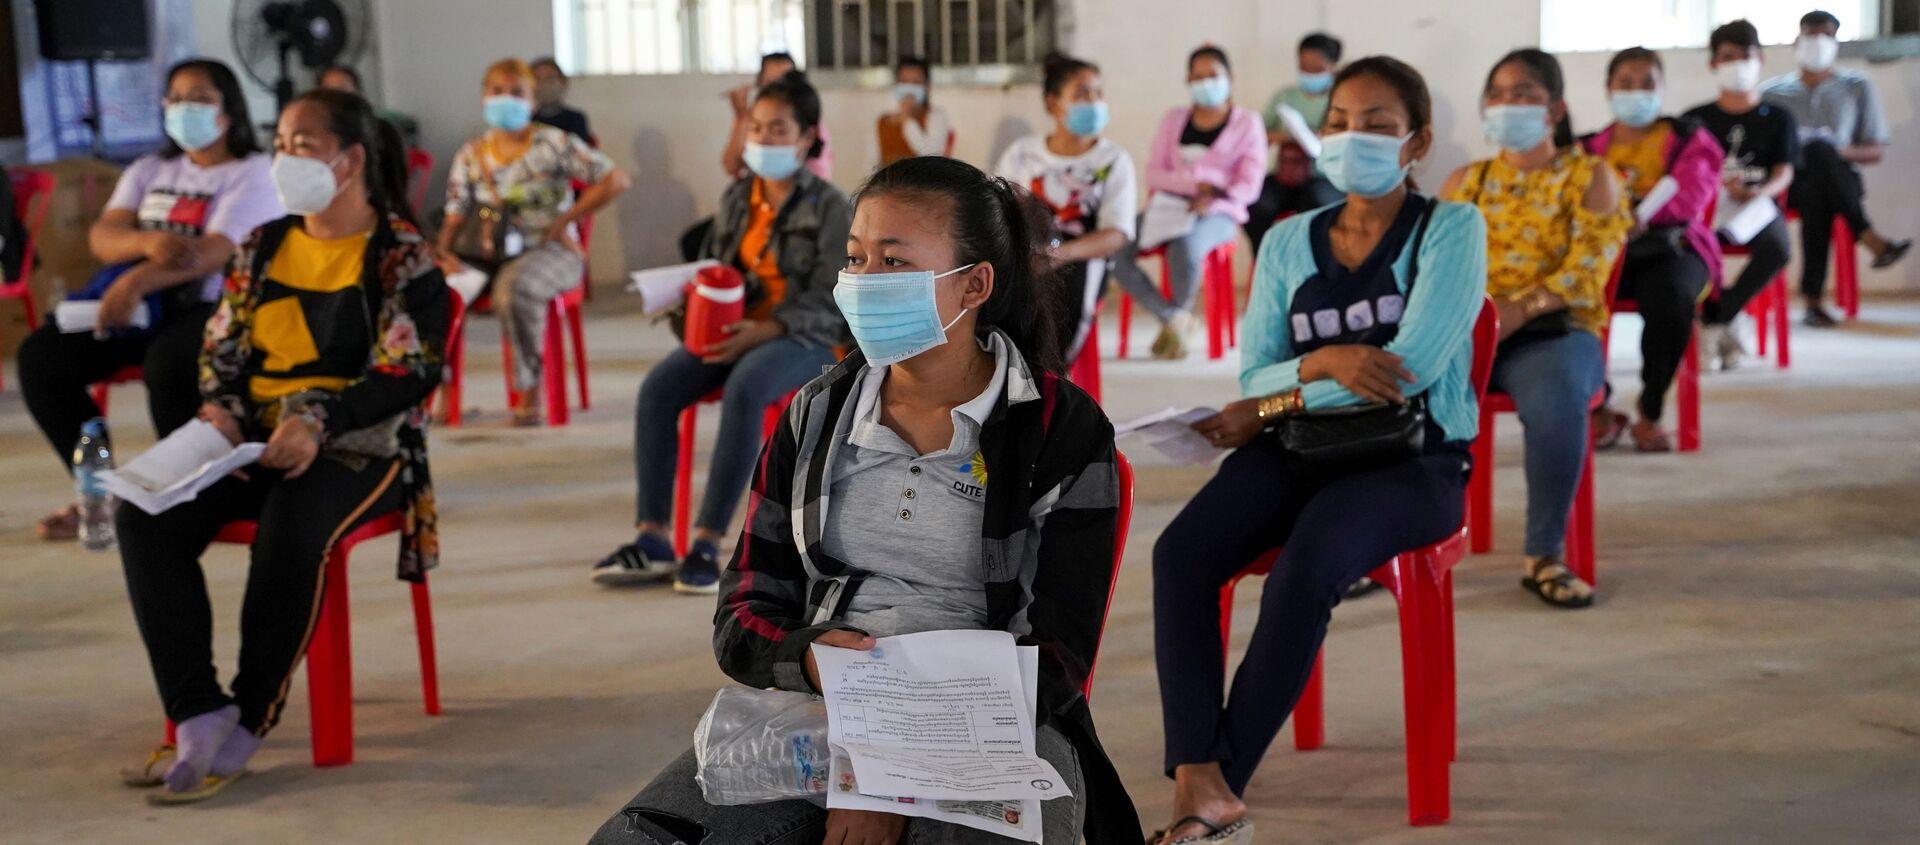 Công nhân viên nhà máy may mặc ở Phnom Penh chủng ngừa phòng bệnh covid bằng vắc xin Sinovac của Trung Quốc. - Sputnik Việt Nam, 1920, 12.04.2021